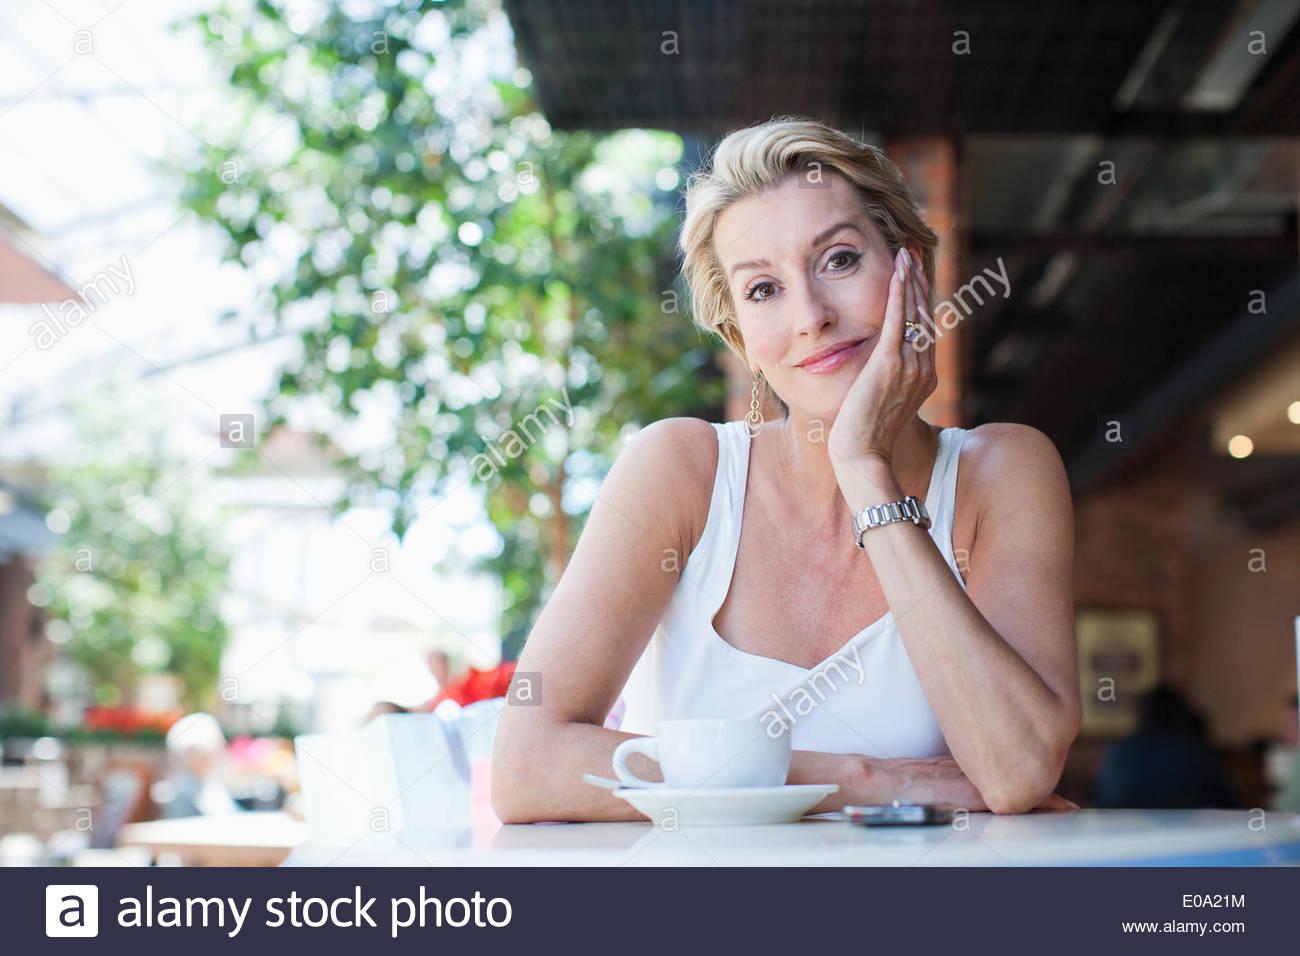 Mujer bebiendo café en el café Imagen De Stock